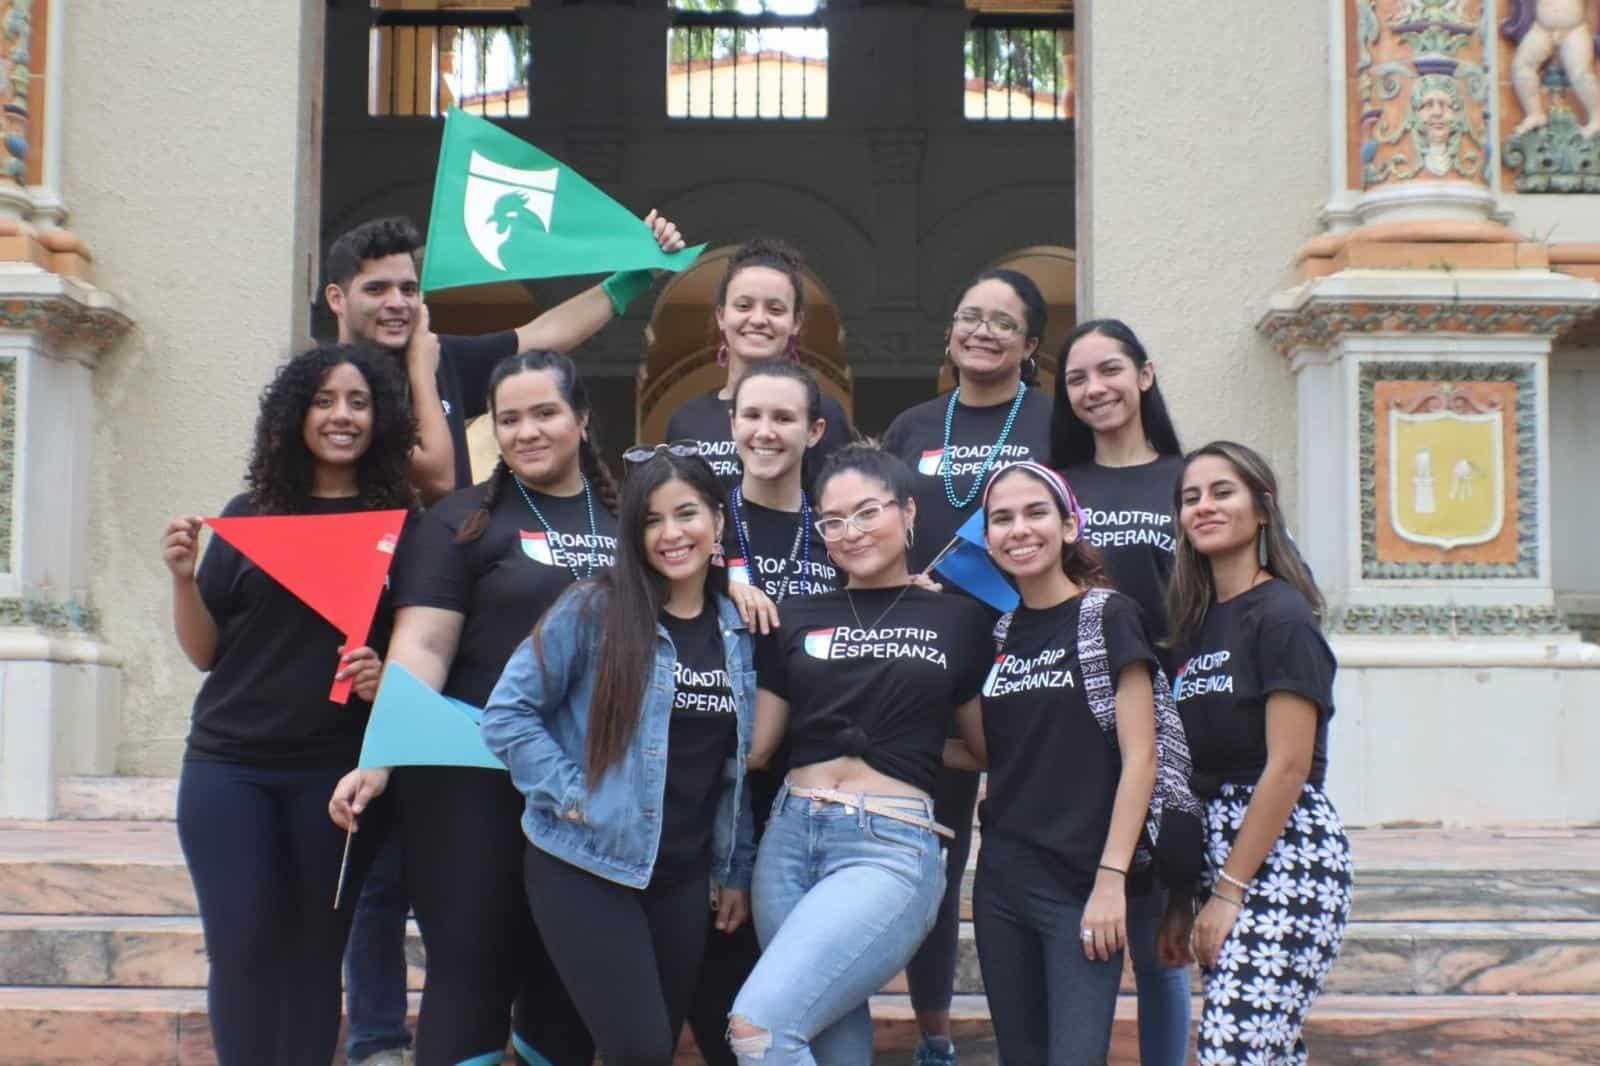 5-11 Public Relations celebra su sexta edición del Roadtrip Esperanza